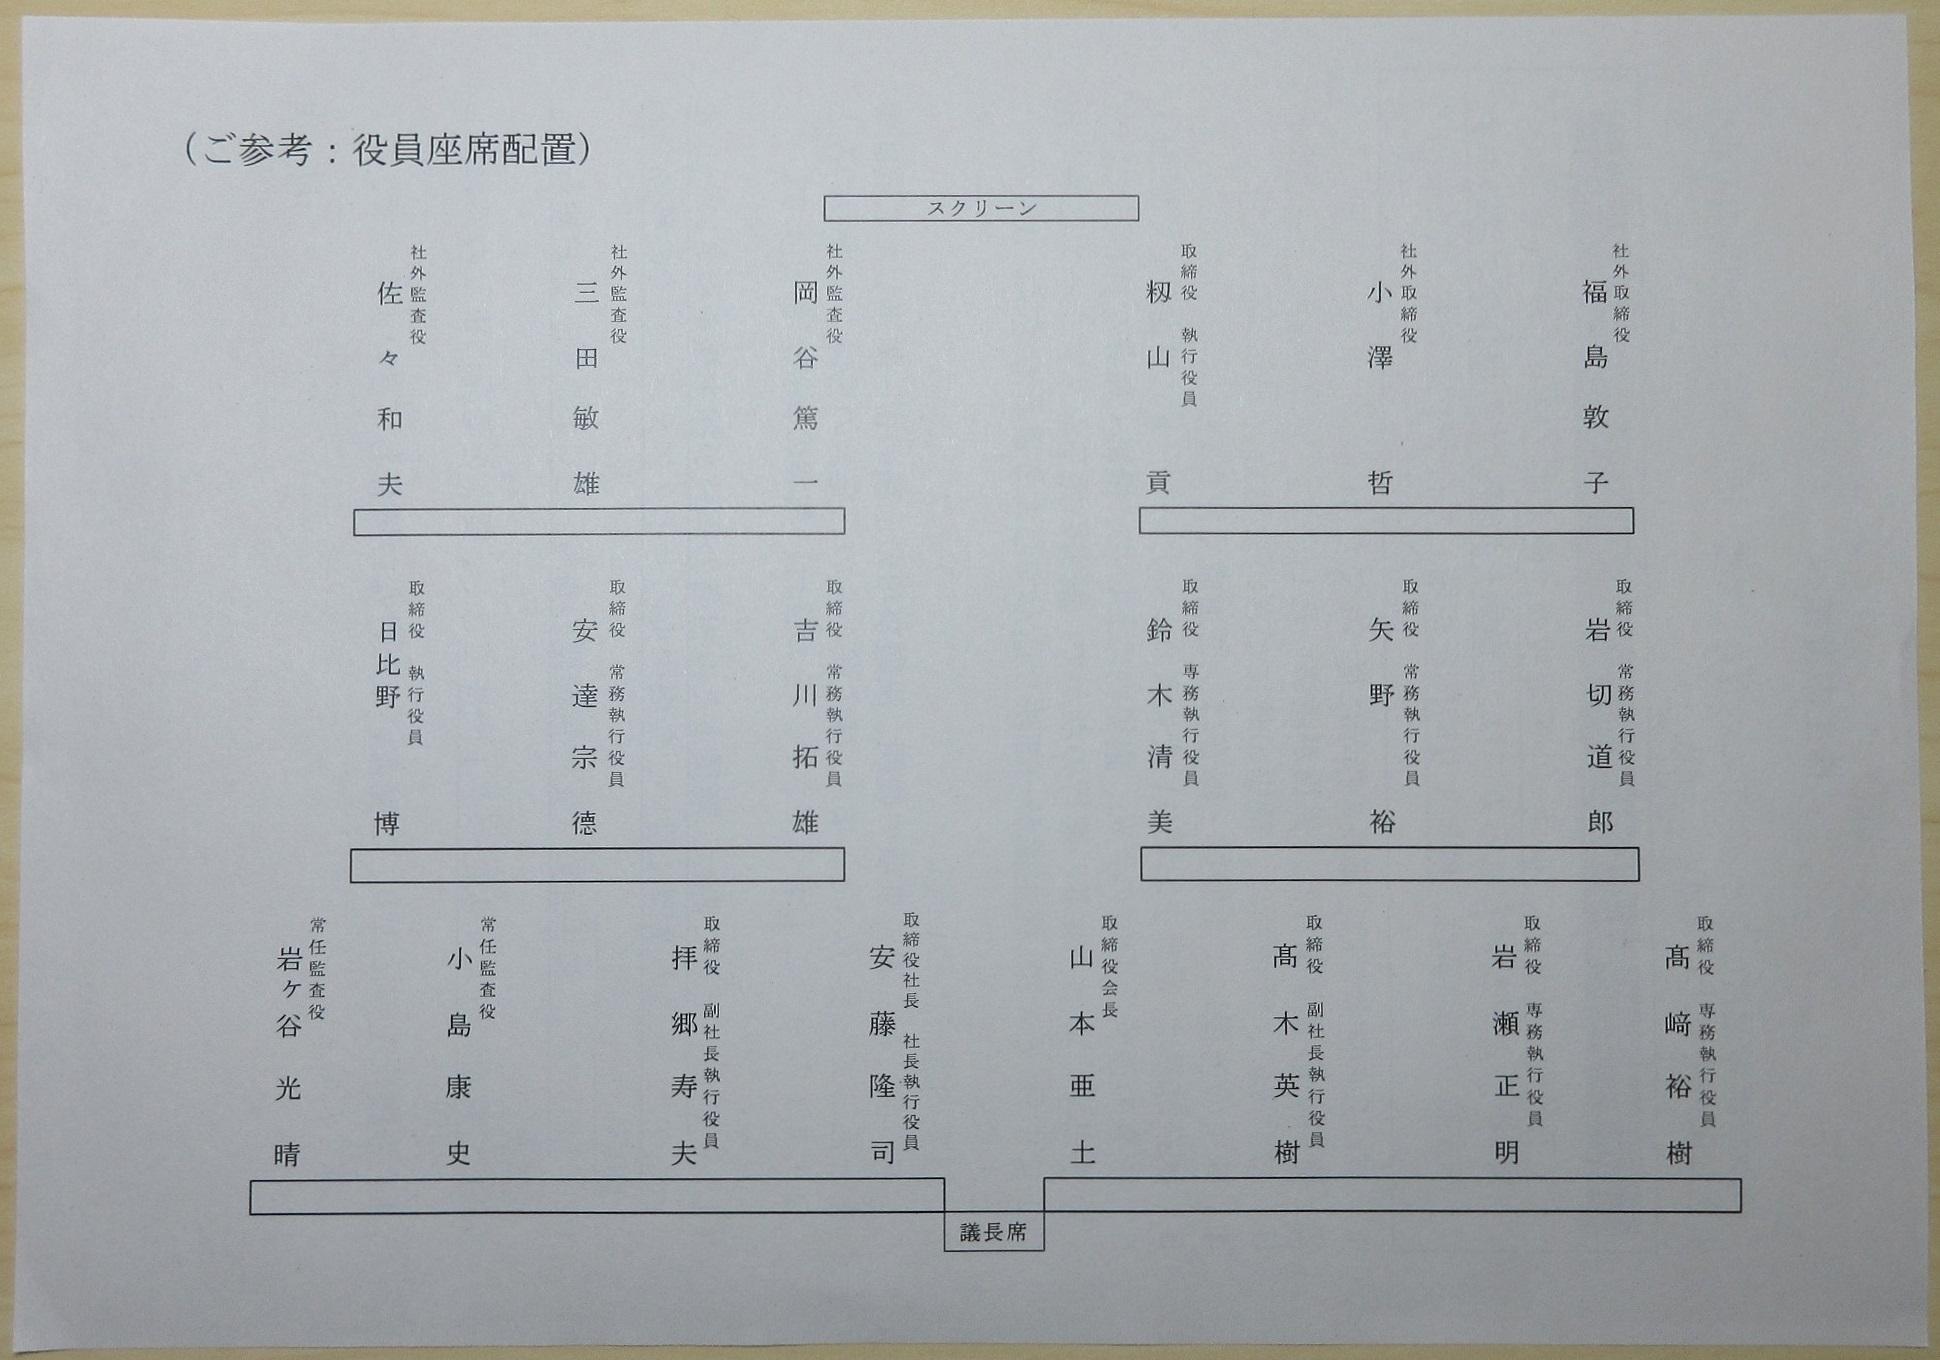 2020.6.25 名鉄かぶぬし総会 - 役員座席配置 1940-1360